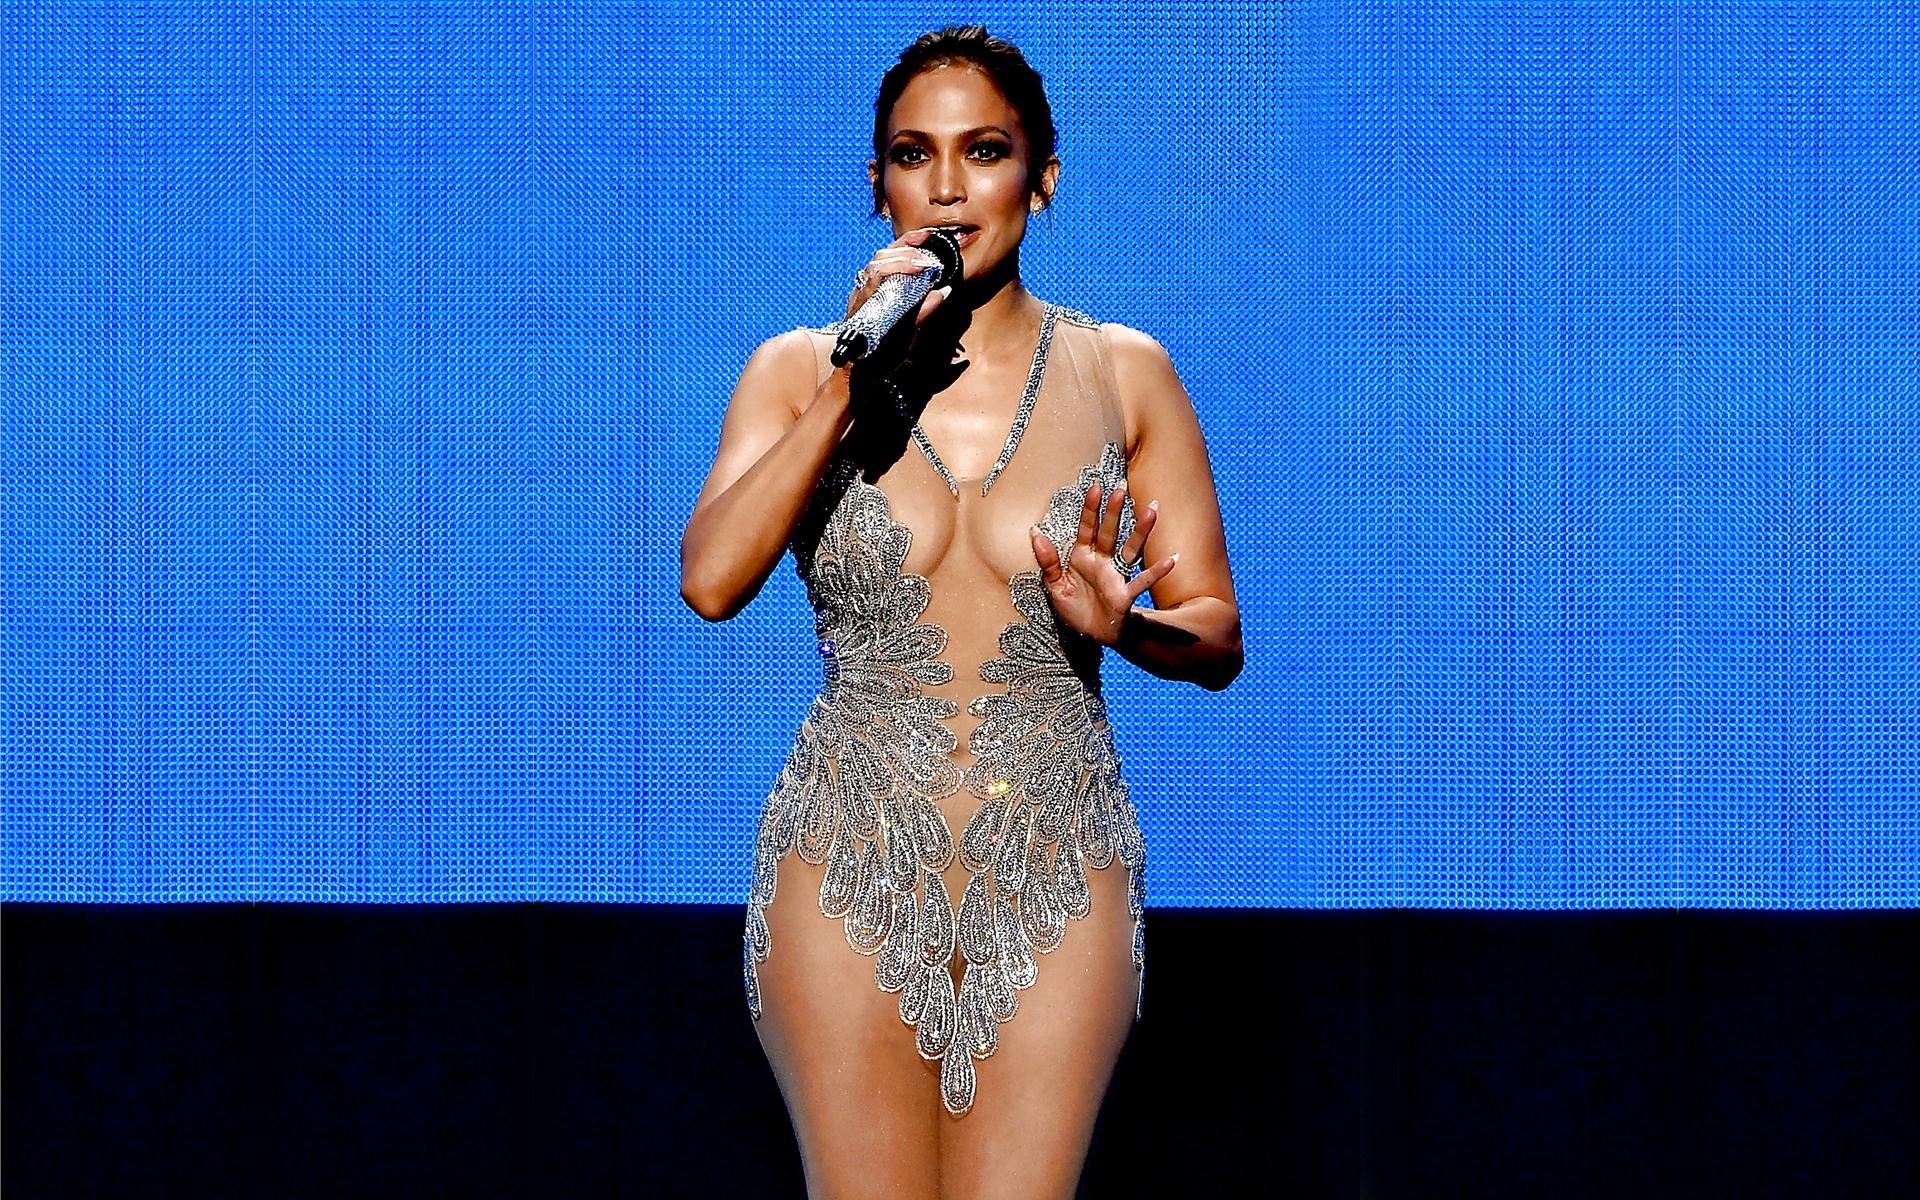 Jennifer Lopez Hd Background